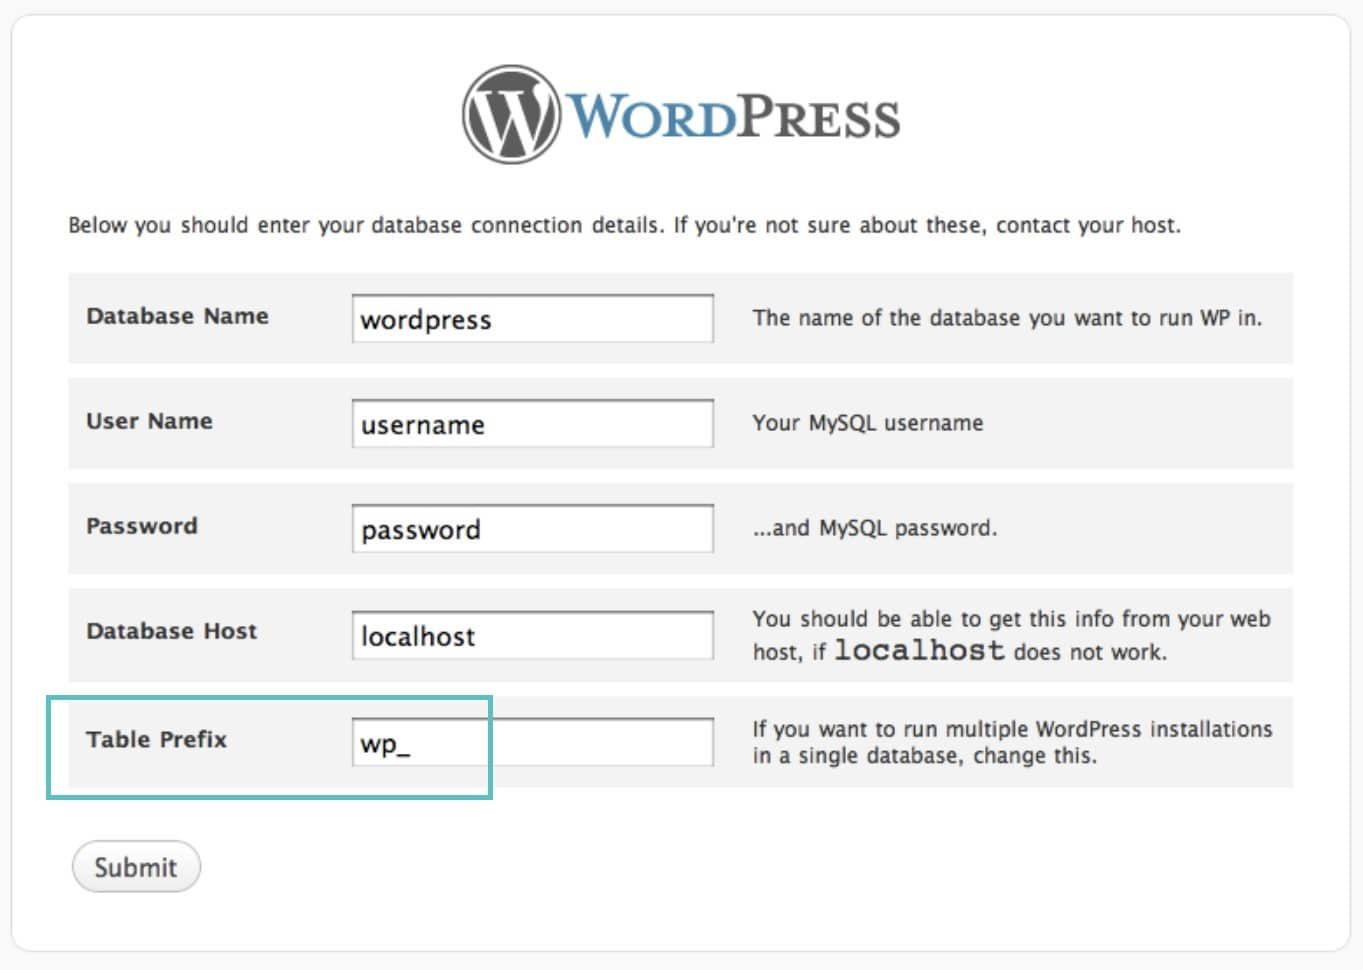 wordpress tableprefix